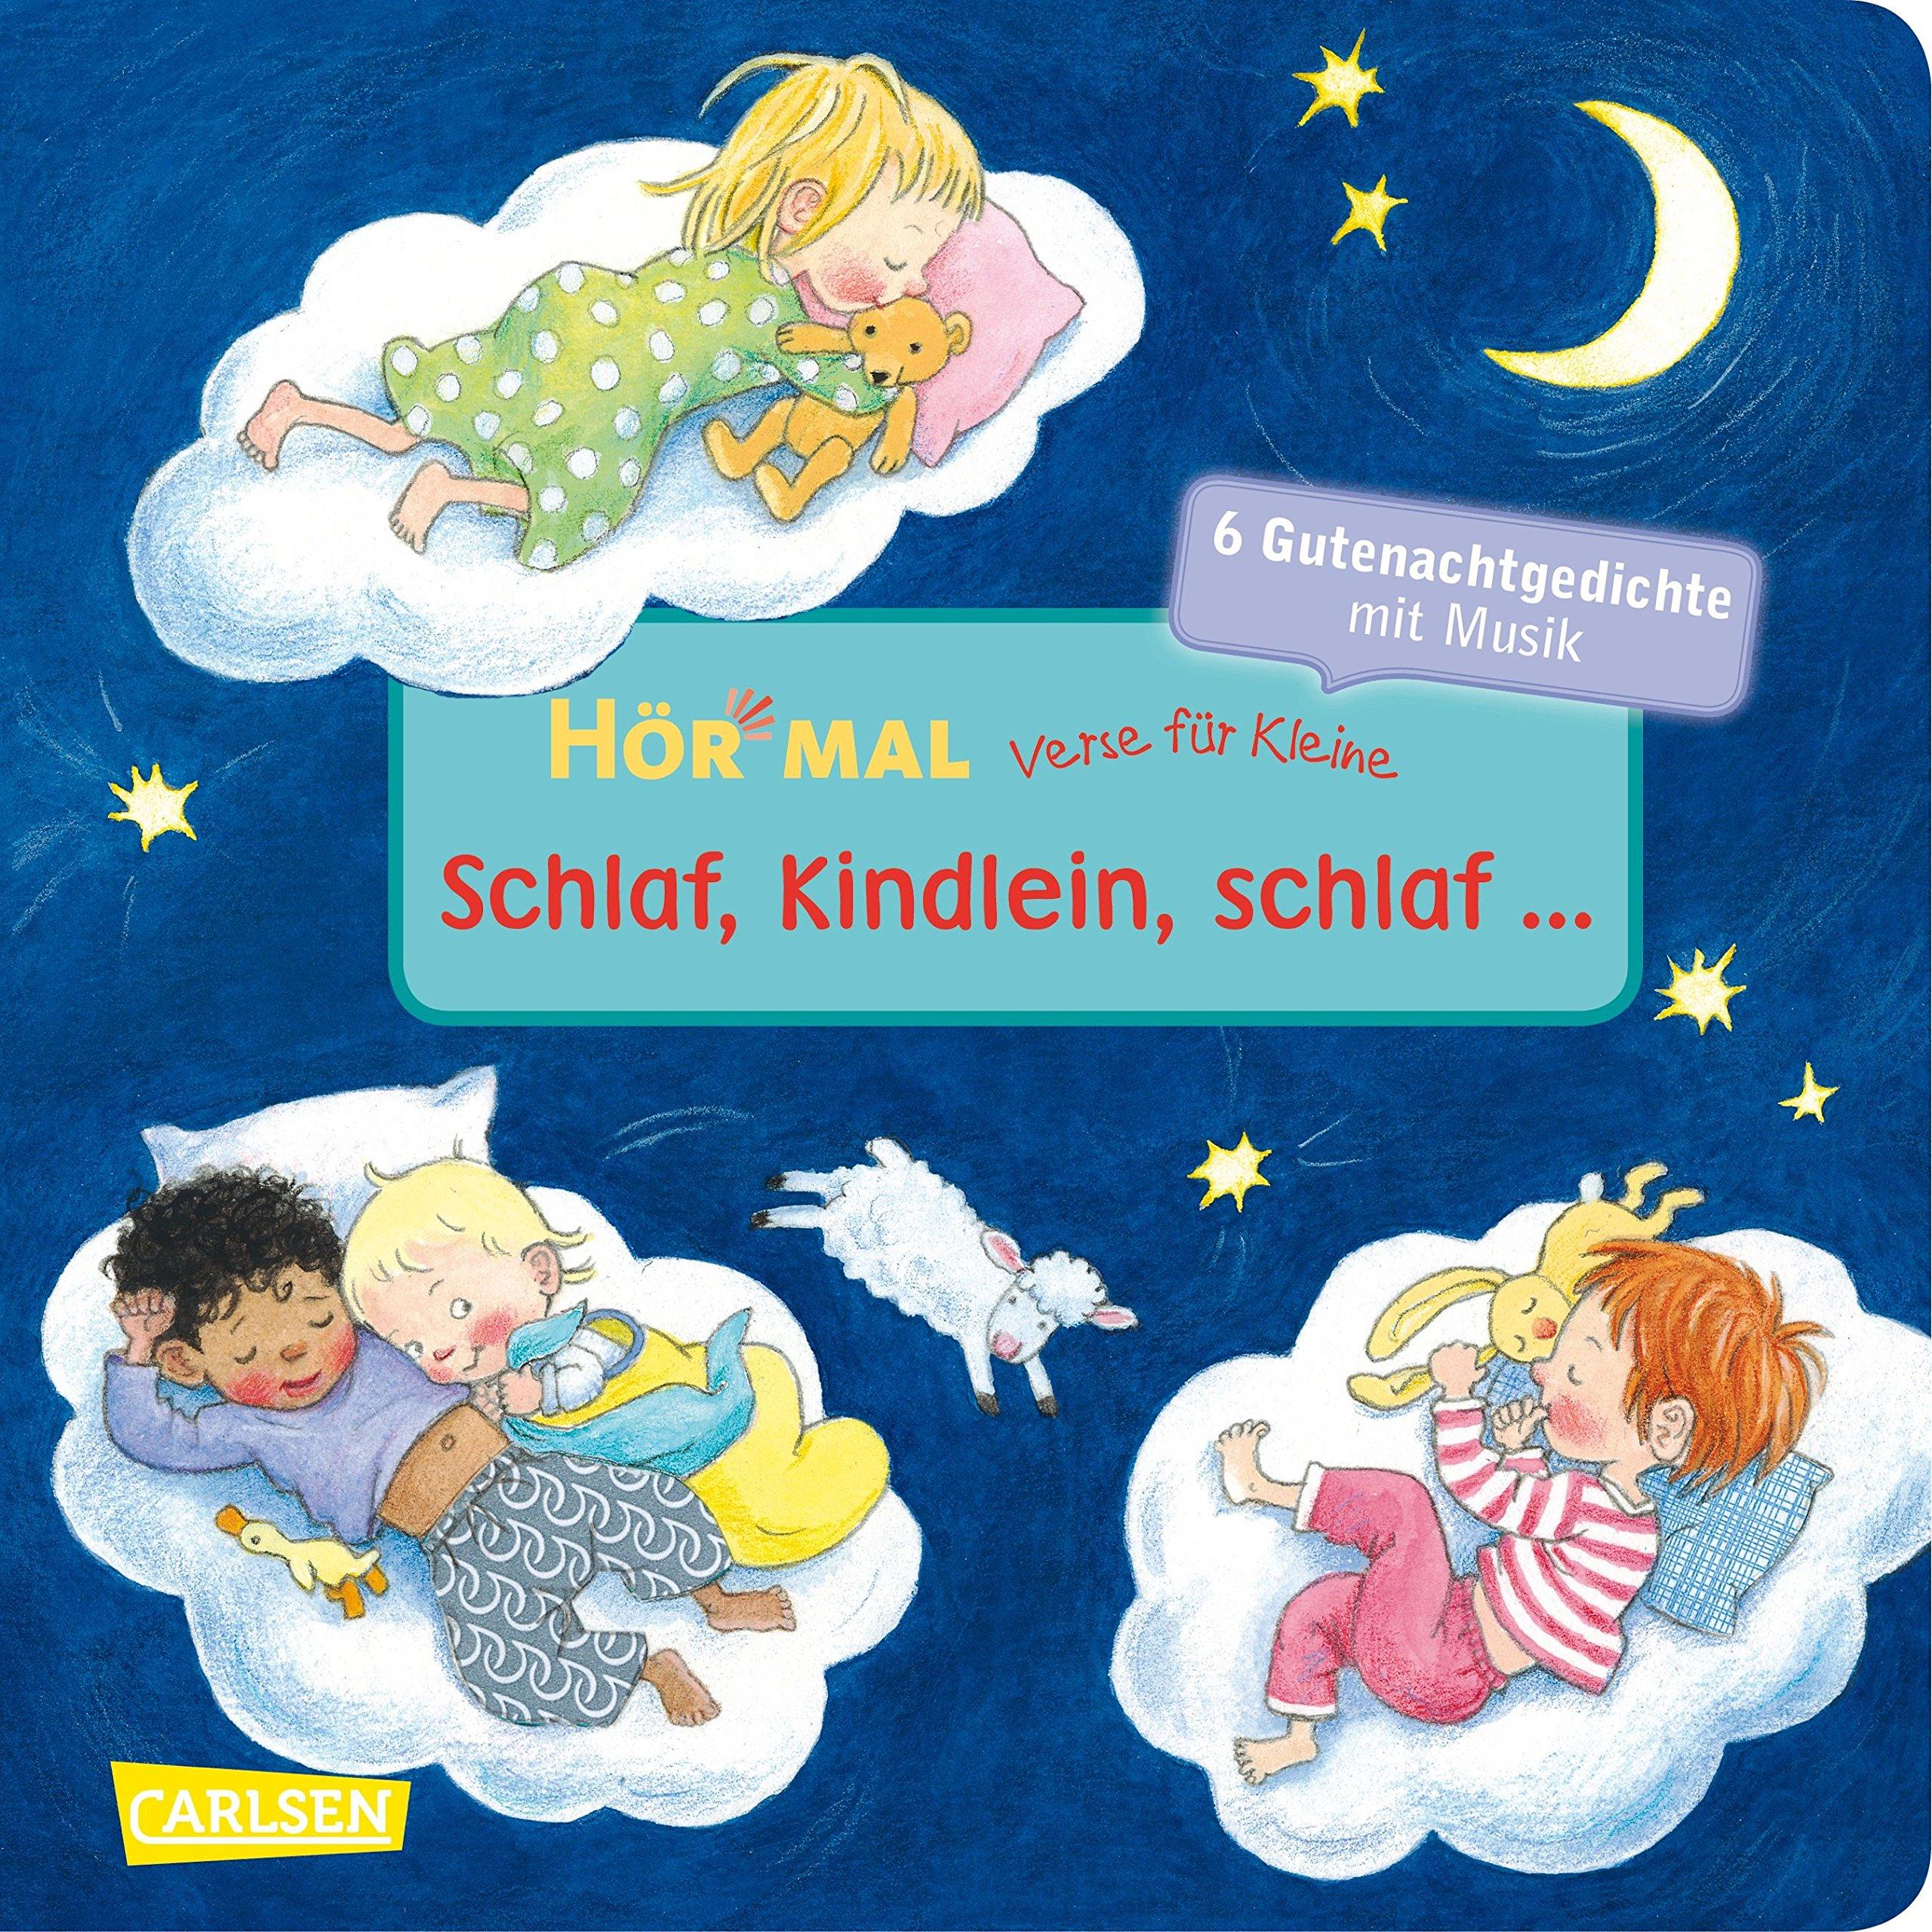 Hör mal: Verse für Kleine: Schlaf, Kindlein, schlaf ...: und andere Gutenachtgedichte mit Musik